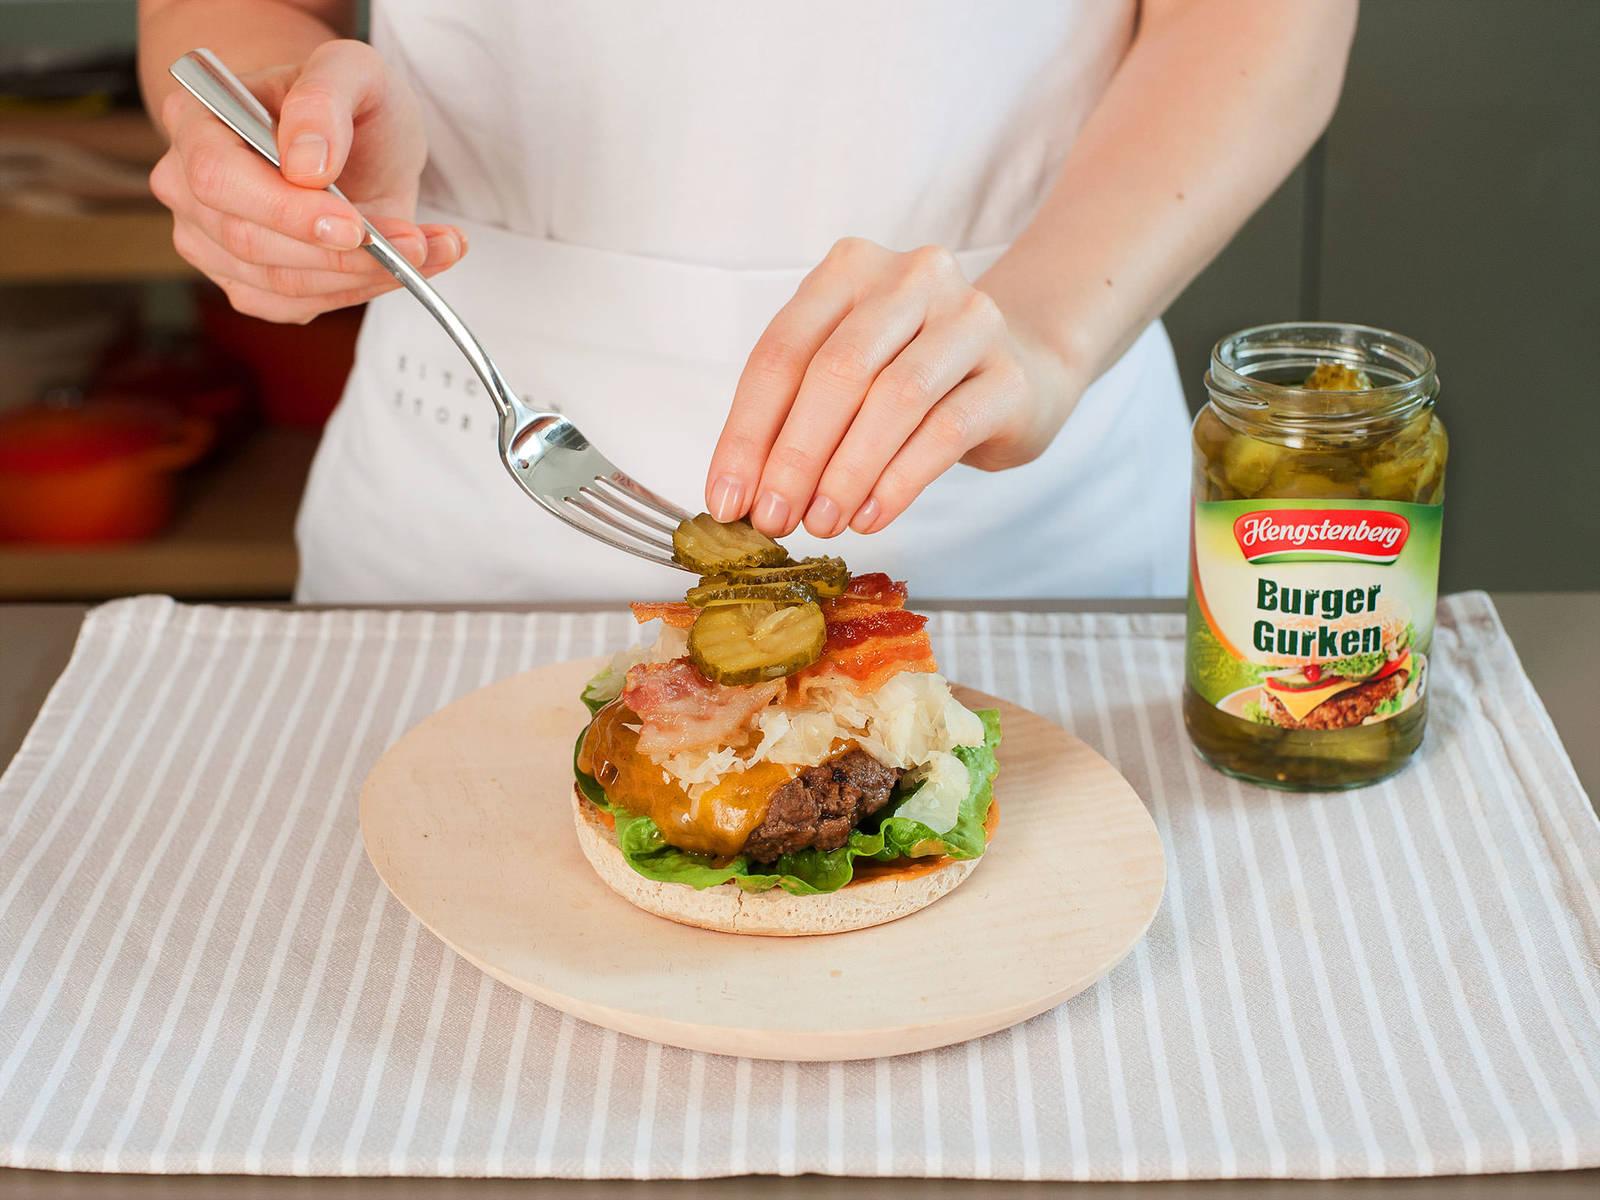 与此同时,清洗沥干生菜。用中火将一只干净的大煎锅加热,然后加入微量的植物油,将汉堡面包每面烤60至90秒。将番茄酱和芥末混在一起,涂一层在下层的面包上。依次铺上生菜、肉饼、酸菜、培根和酸黄瓜。最后涂上酱汁,盖上面包享用!